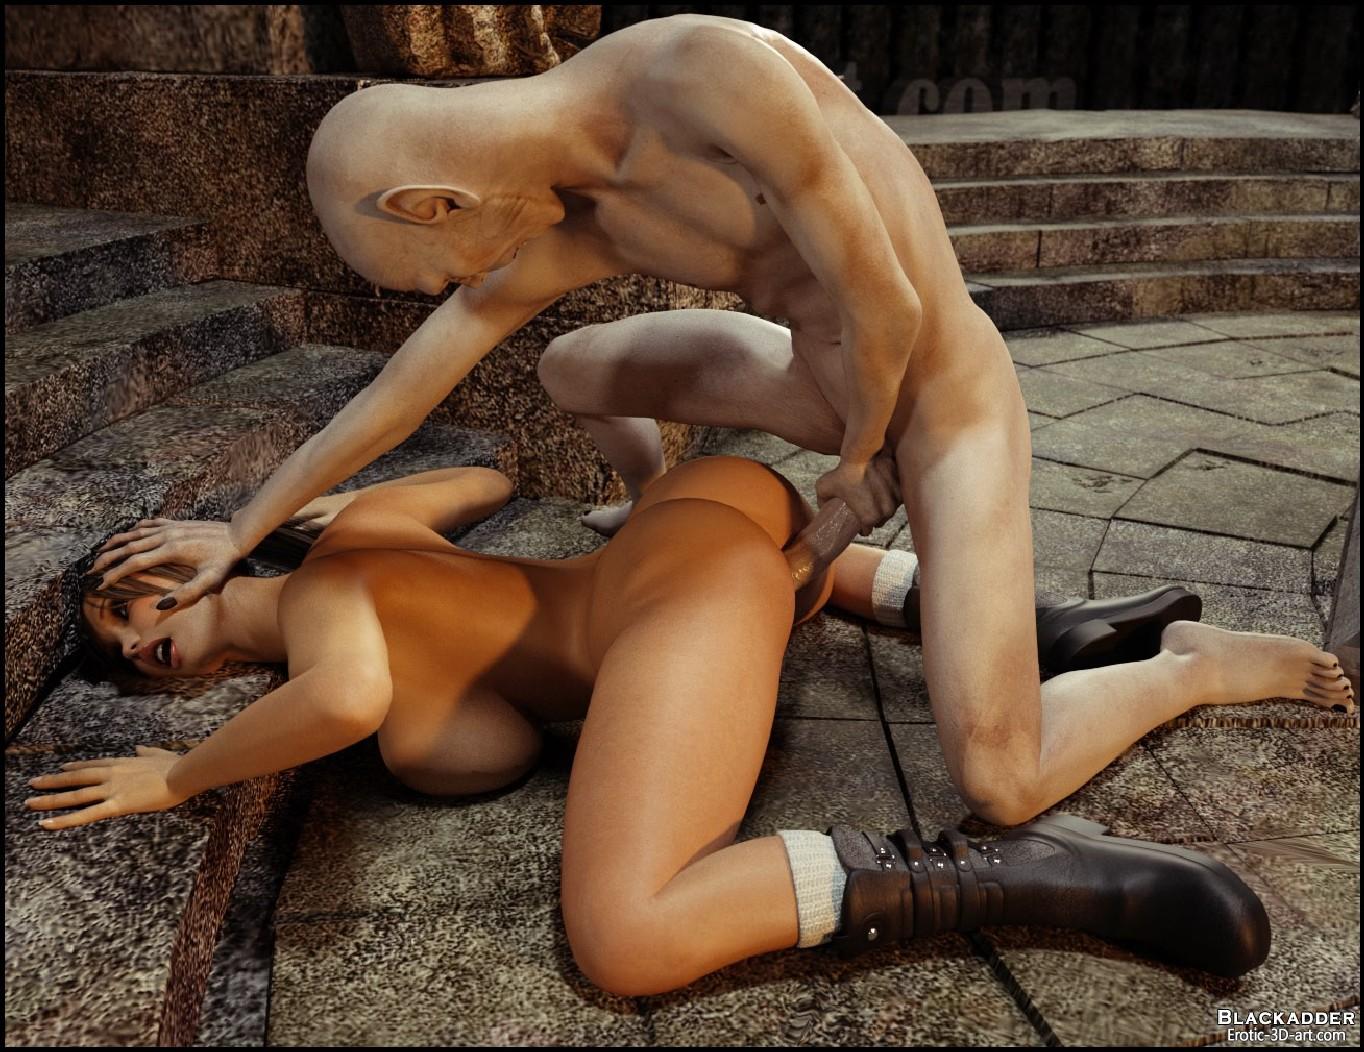 Секс с сексроботом, гиг порно секс роботы видео смотреть HD порно 4 фотография